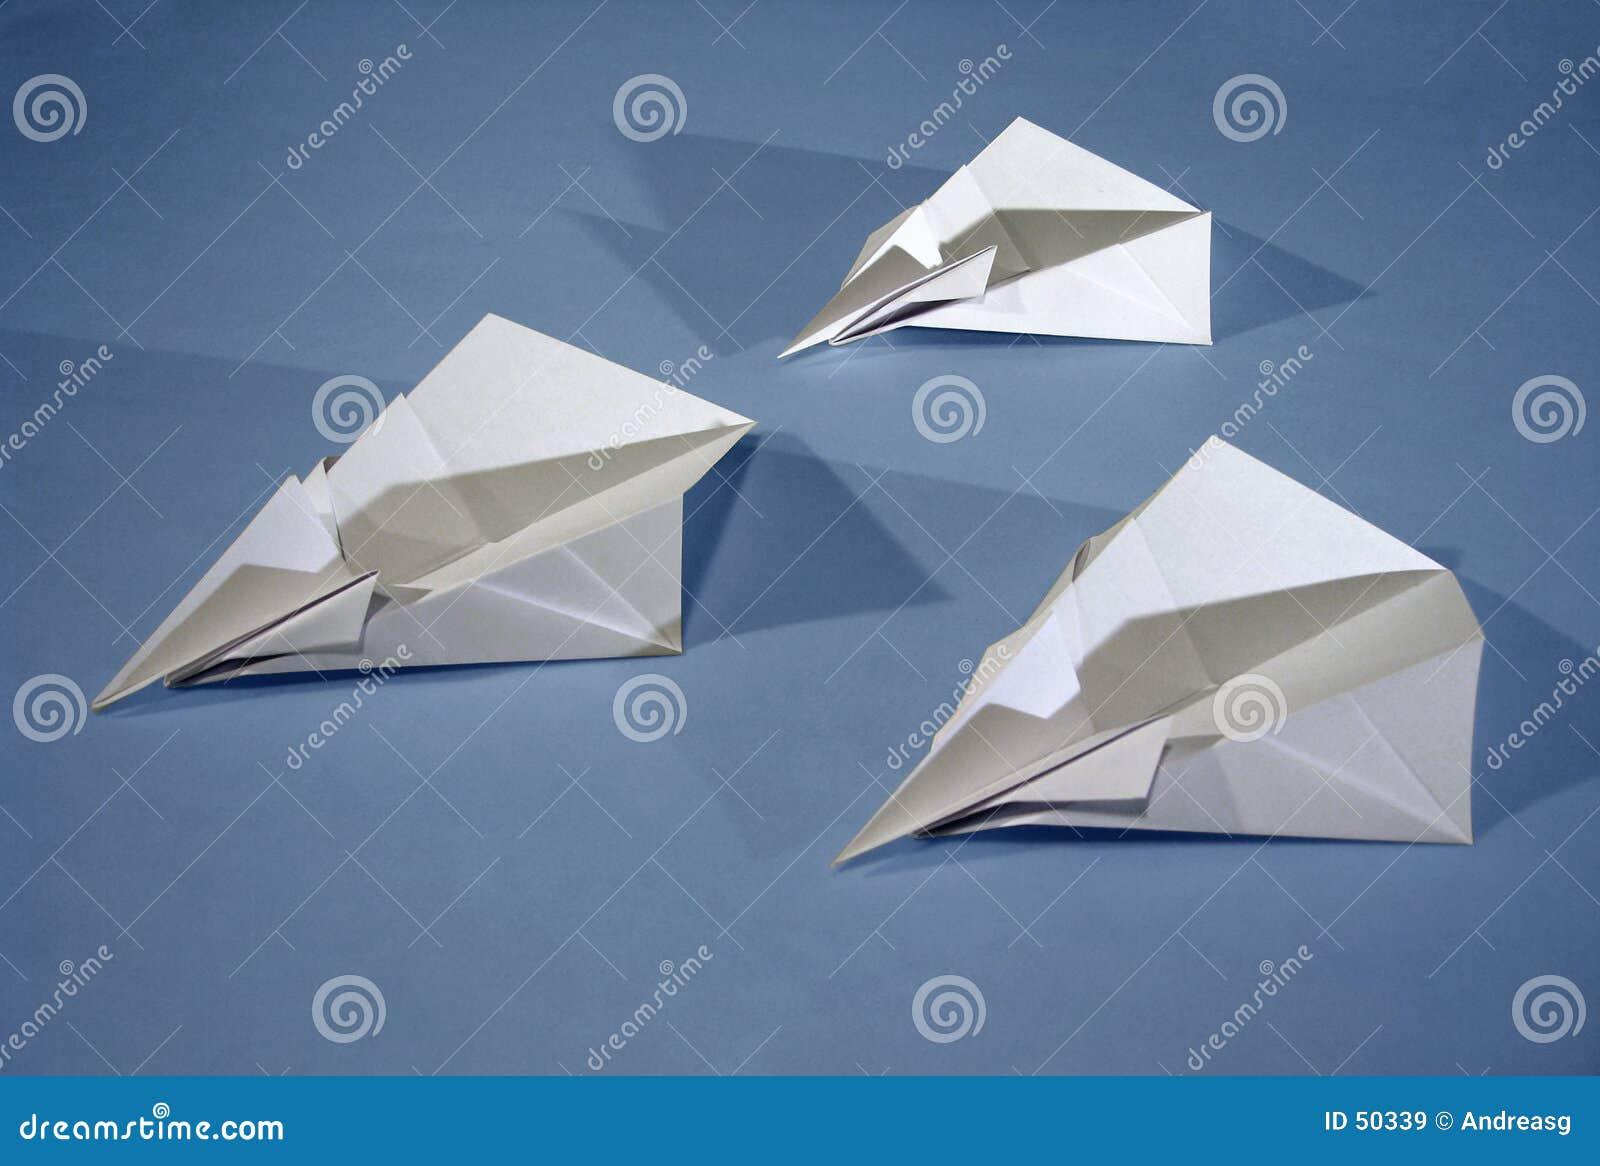 3 document vliegtuigen